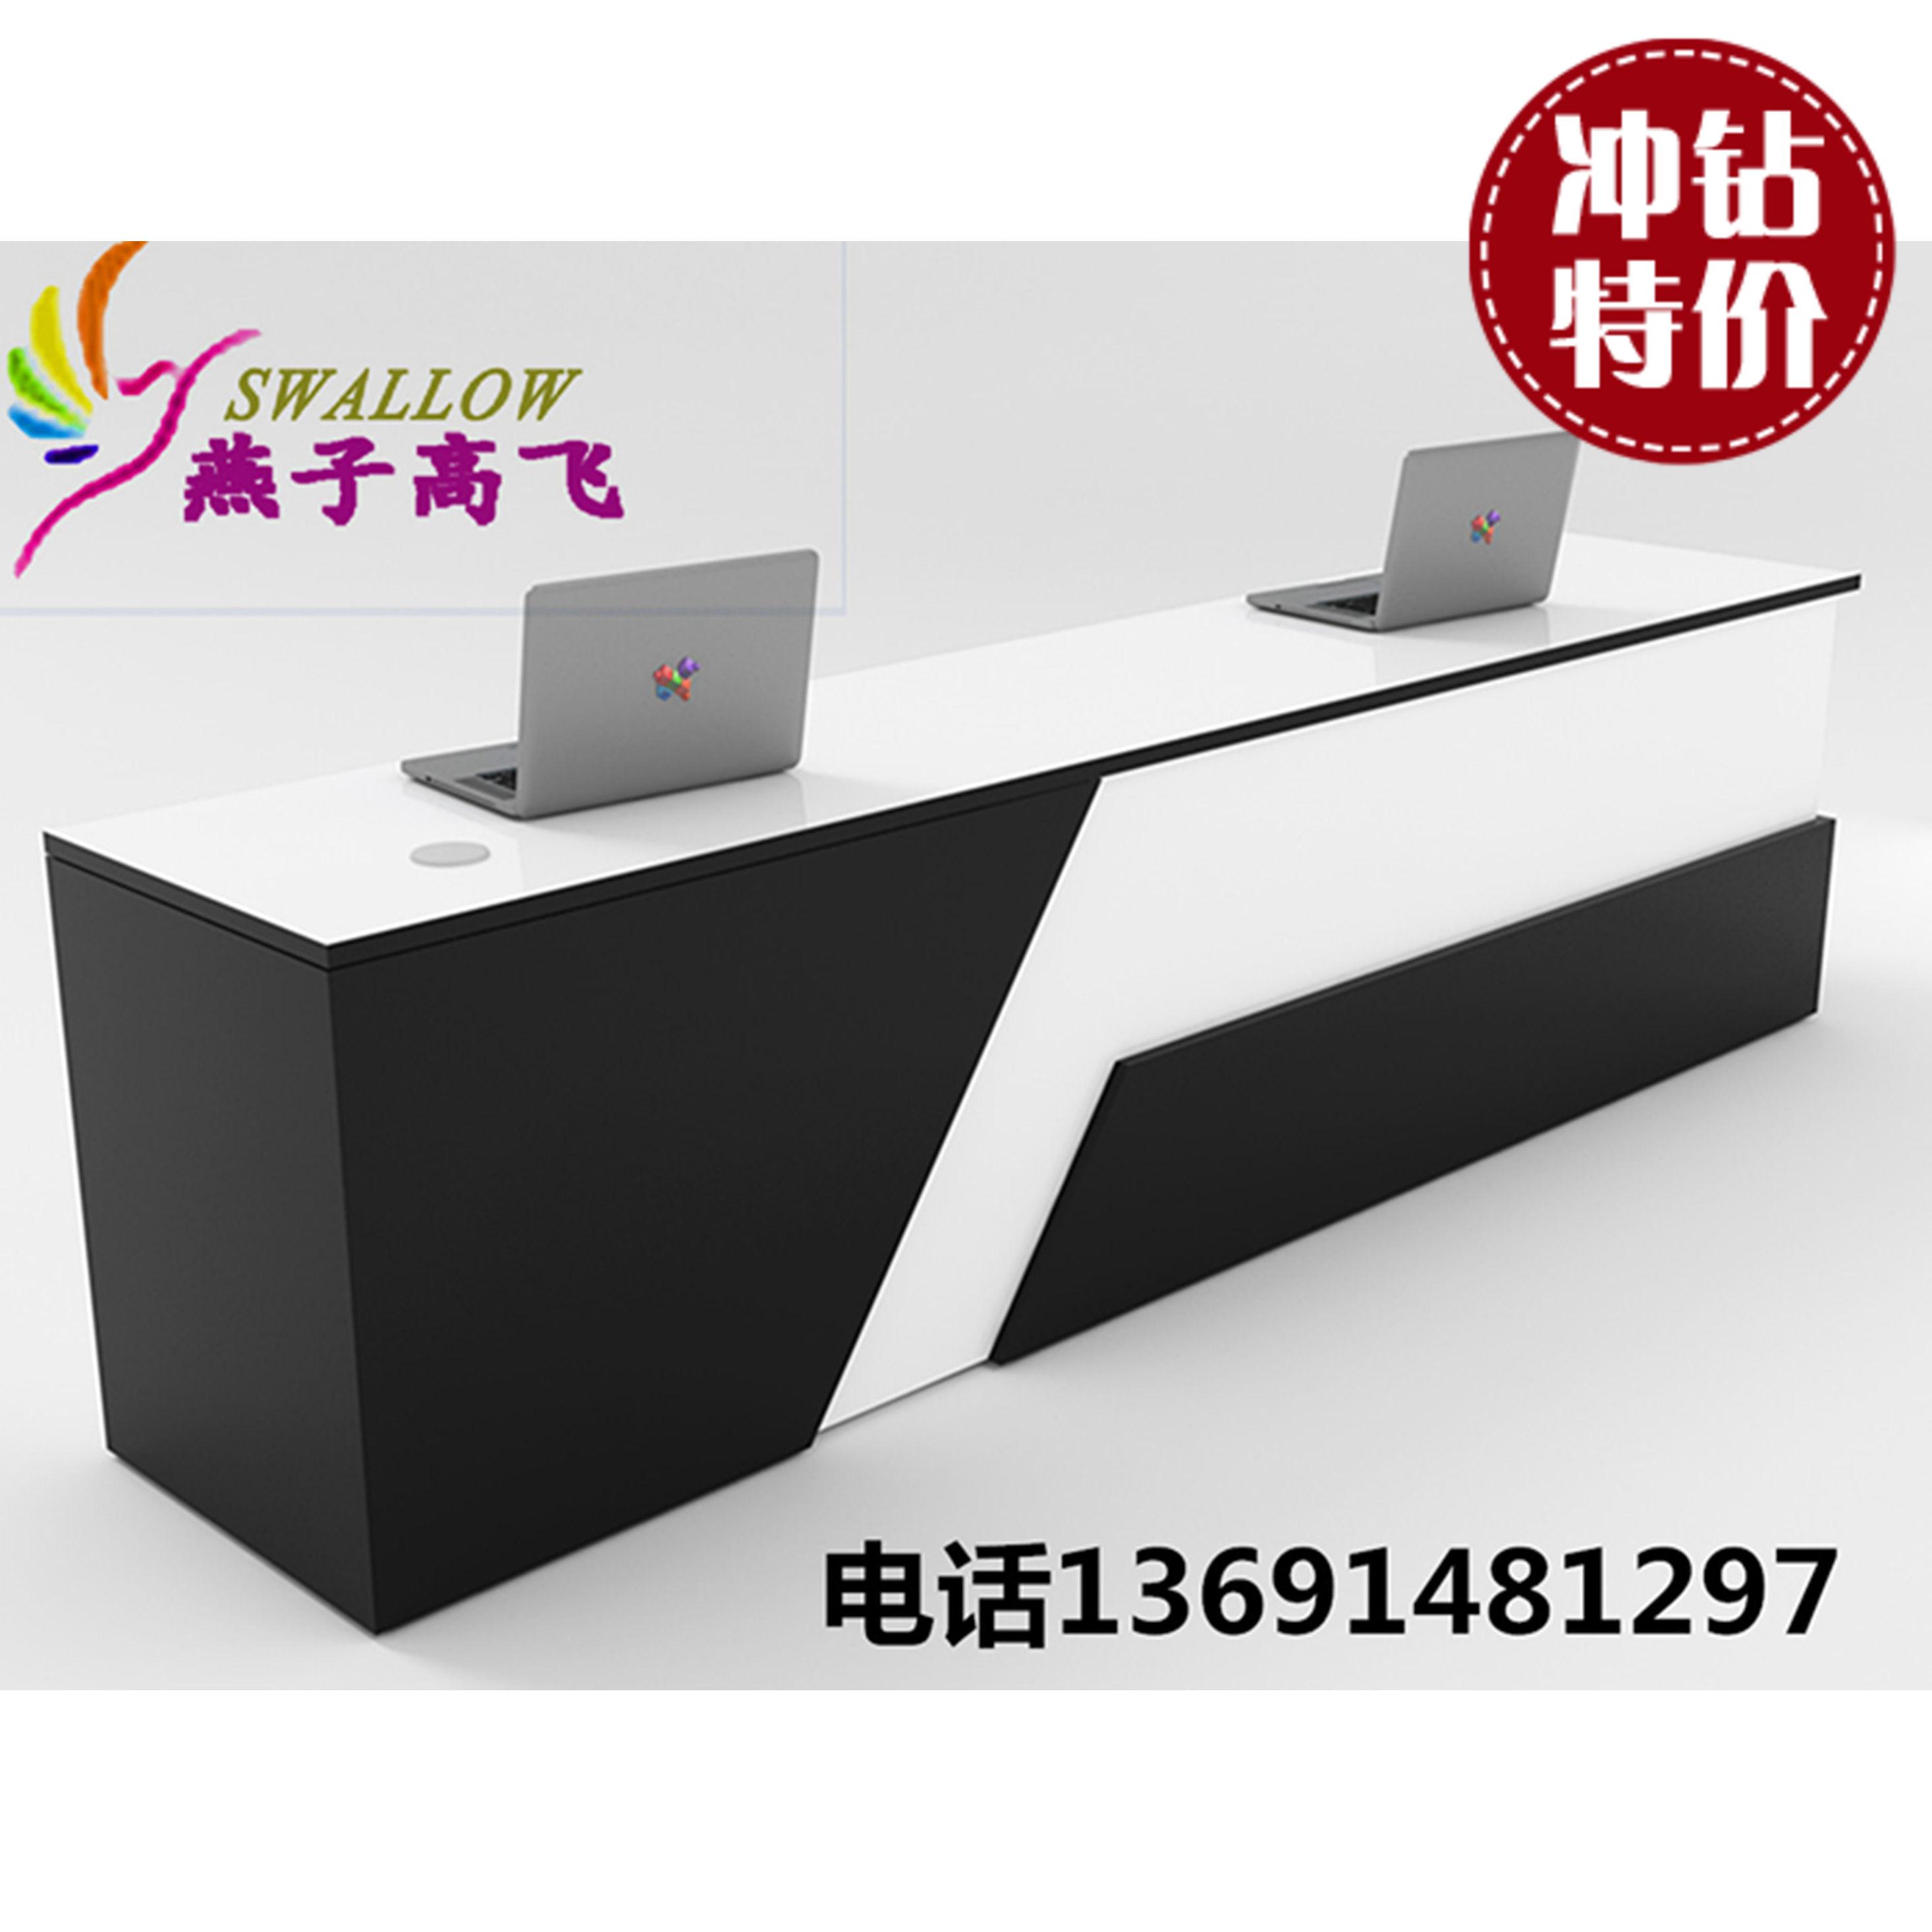 Бесплатная доставка компания назад тайвань подключать подожди тайвань консультативный тайвань сделанный на заказ краски стол добро пожаловать тайвань доход серебро тайвань бар пекин